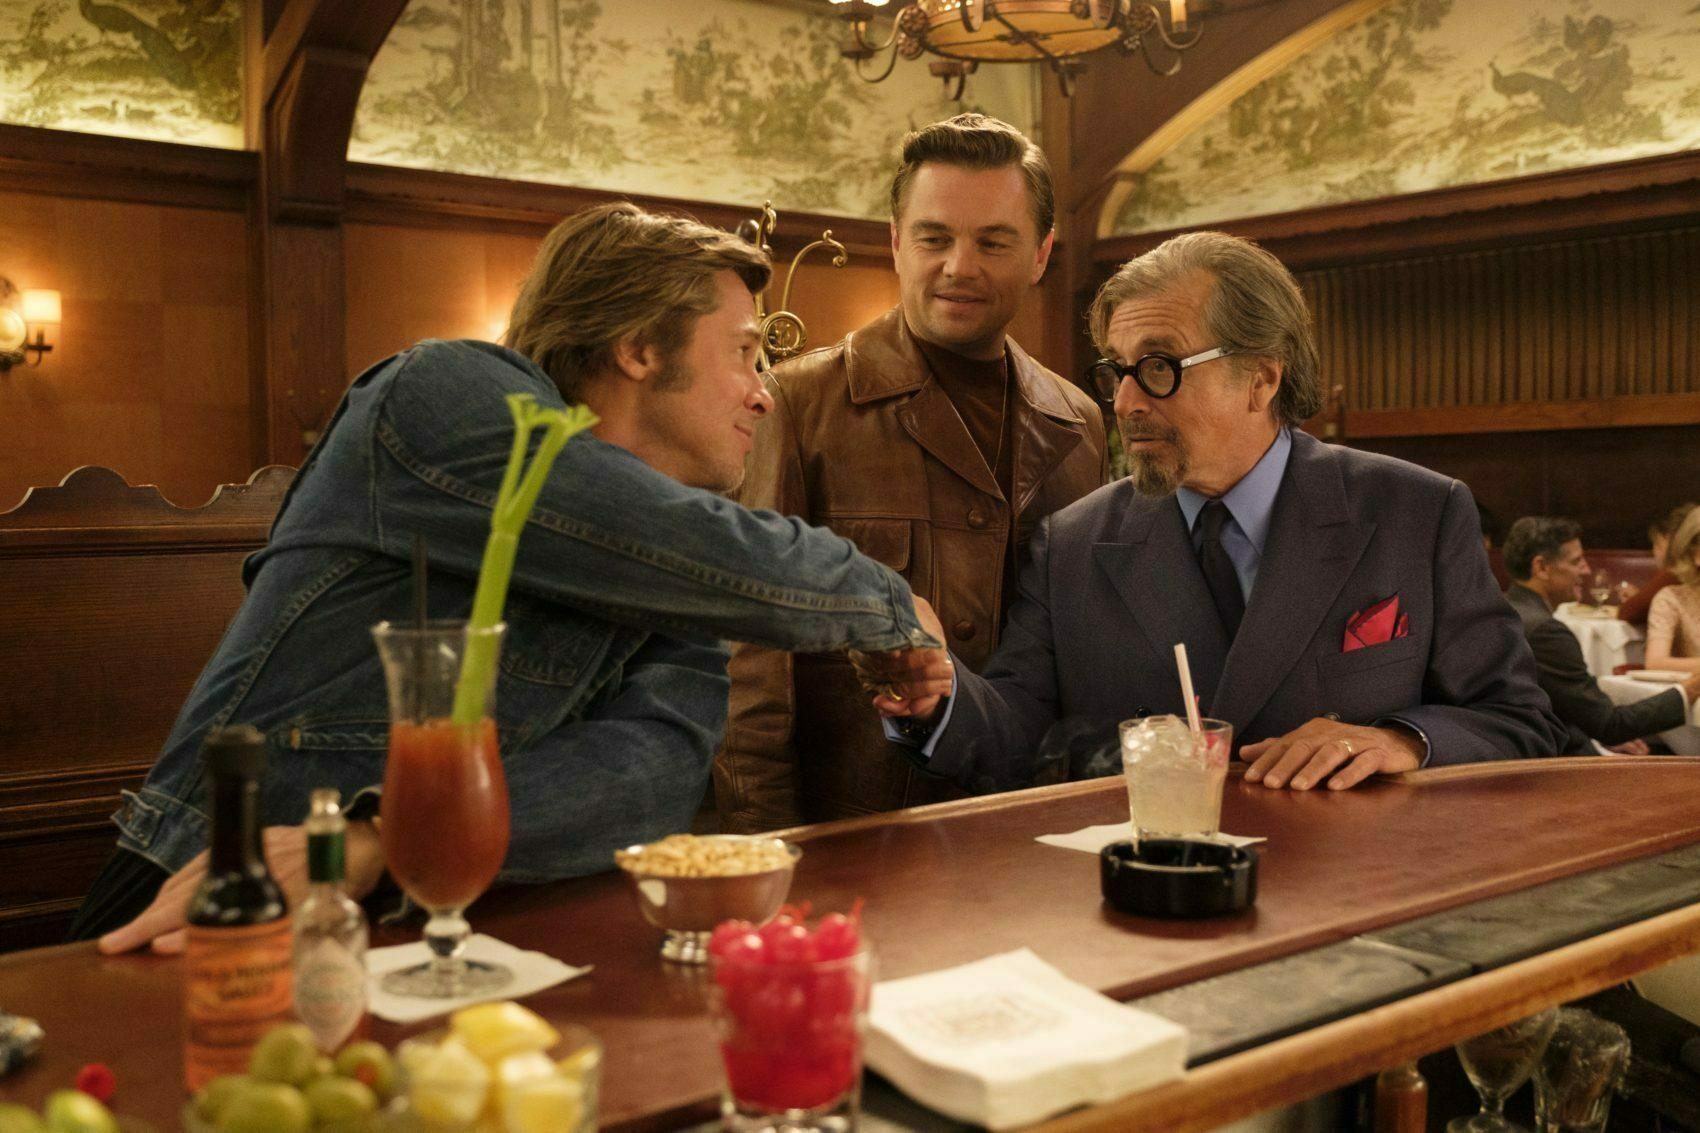 Estrenos: Quentin Tarantino, Leonardo DiCaprio, Brad Pitt… animan la semana con Érase una vez en… Hollywood